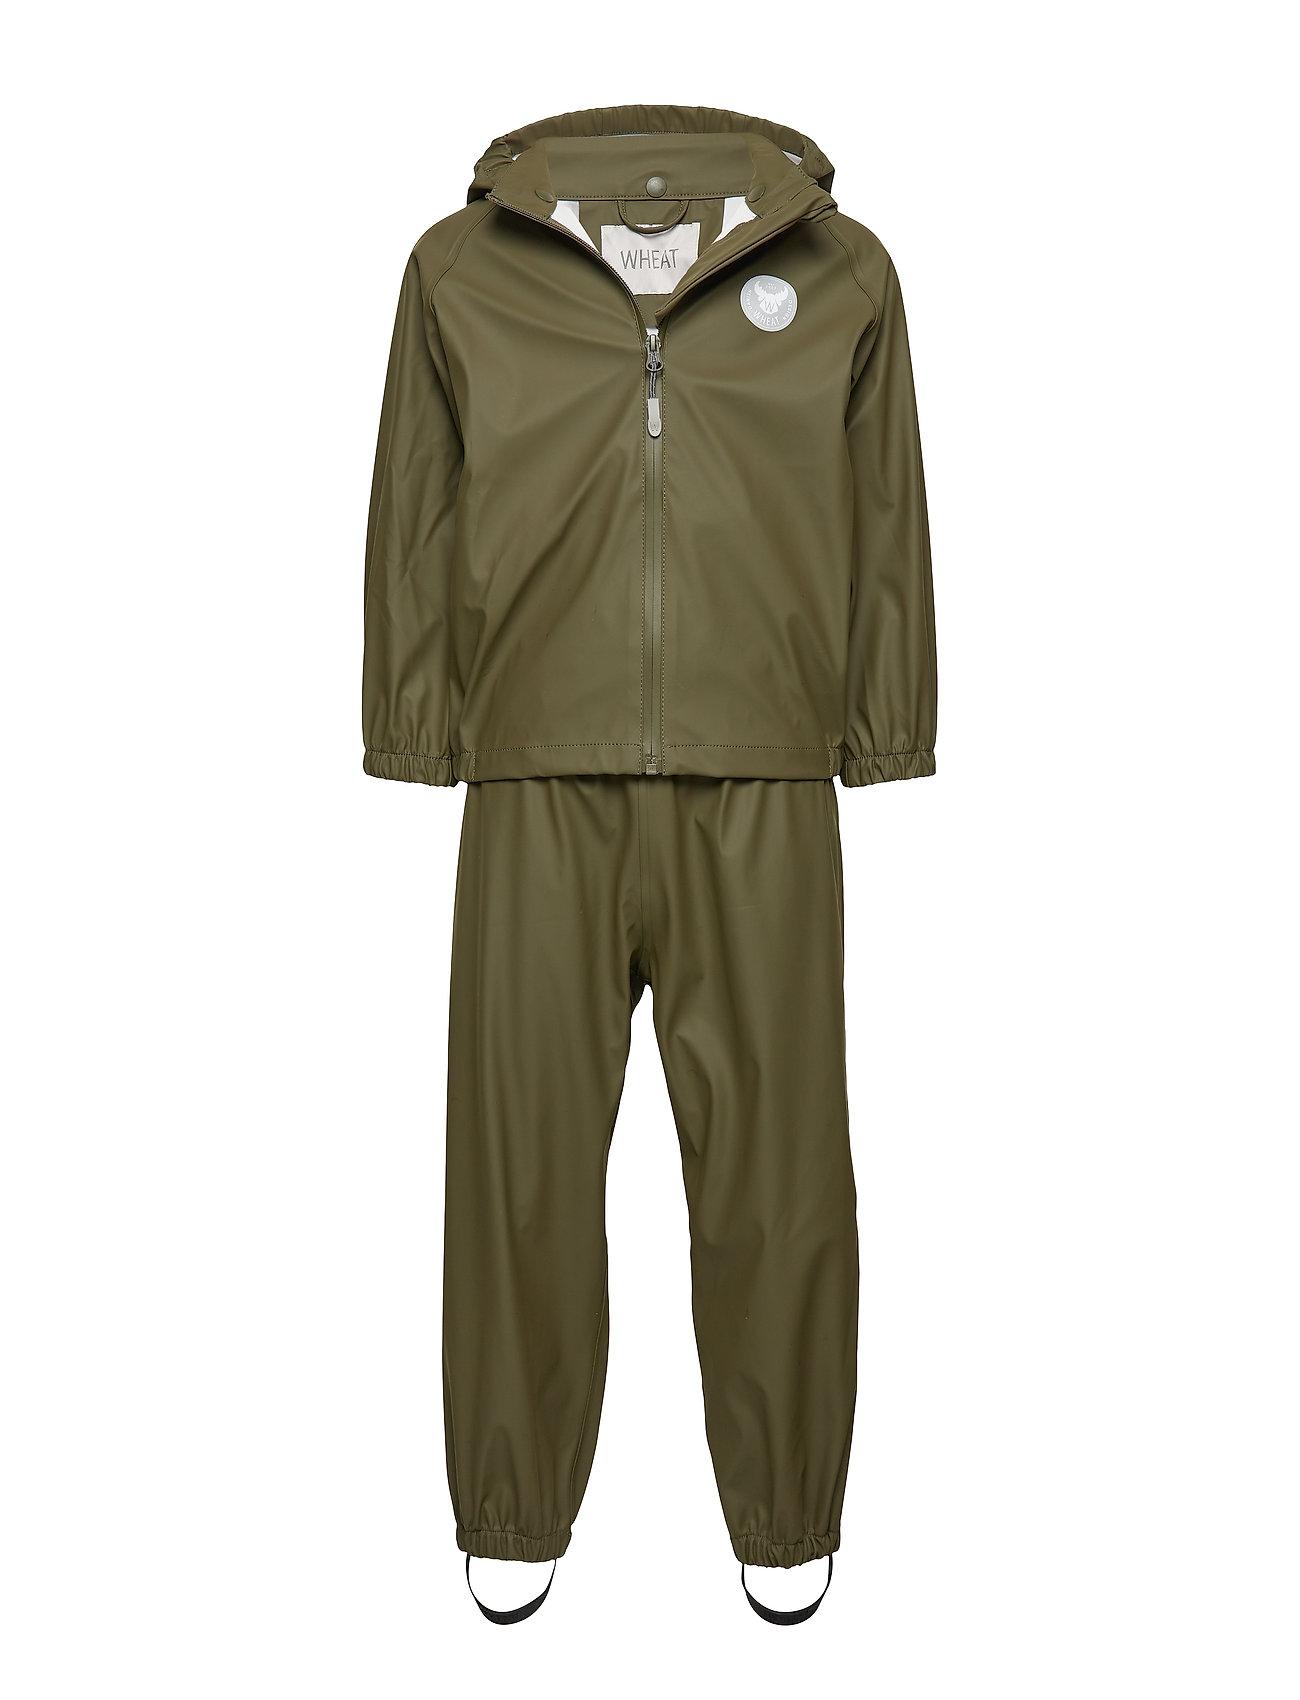 Wheat Rainwear Charlie - ARMY LEAF